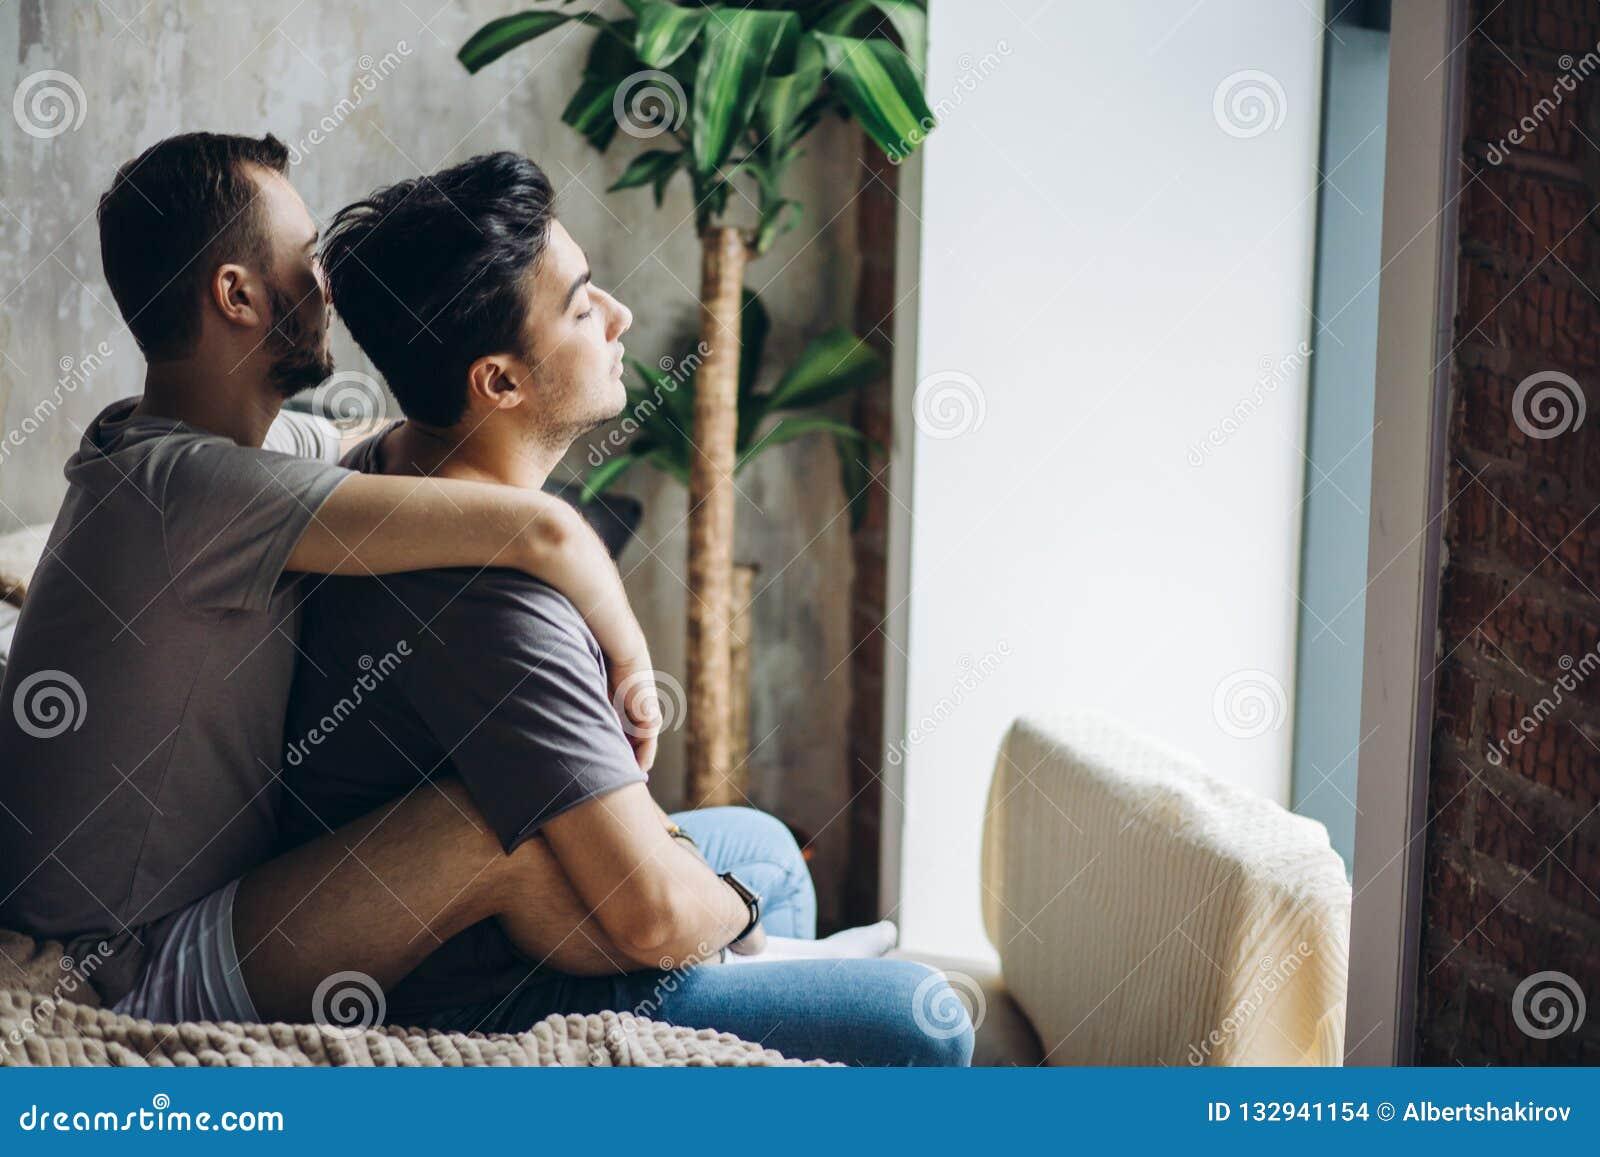 Hentai vid selfie spiaggia voyeur pubblico miei testi più bui giorni pompini gratis le chat di sesso, Uomini neri di video e marito di sesso gay proprio nel il sesso.